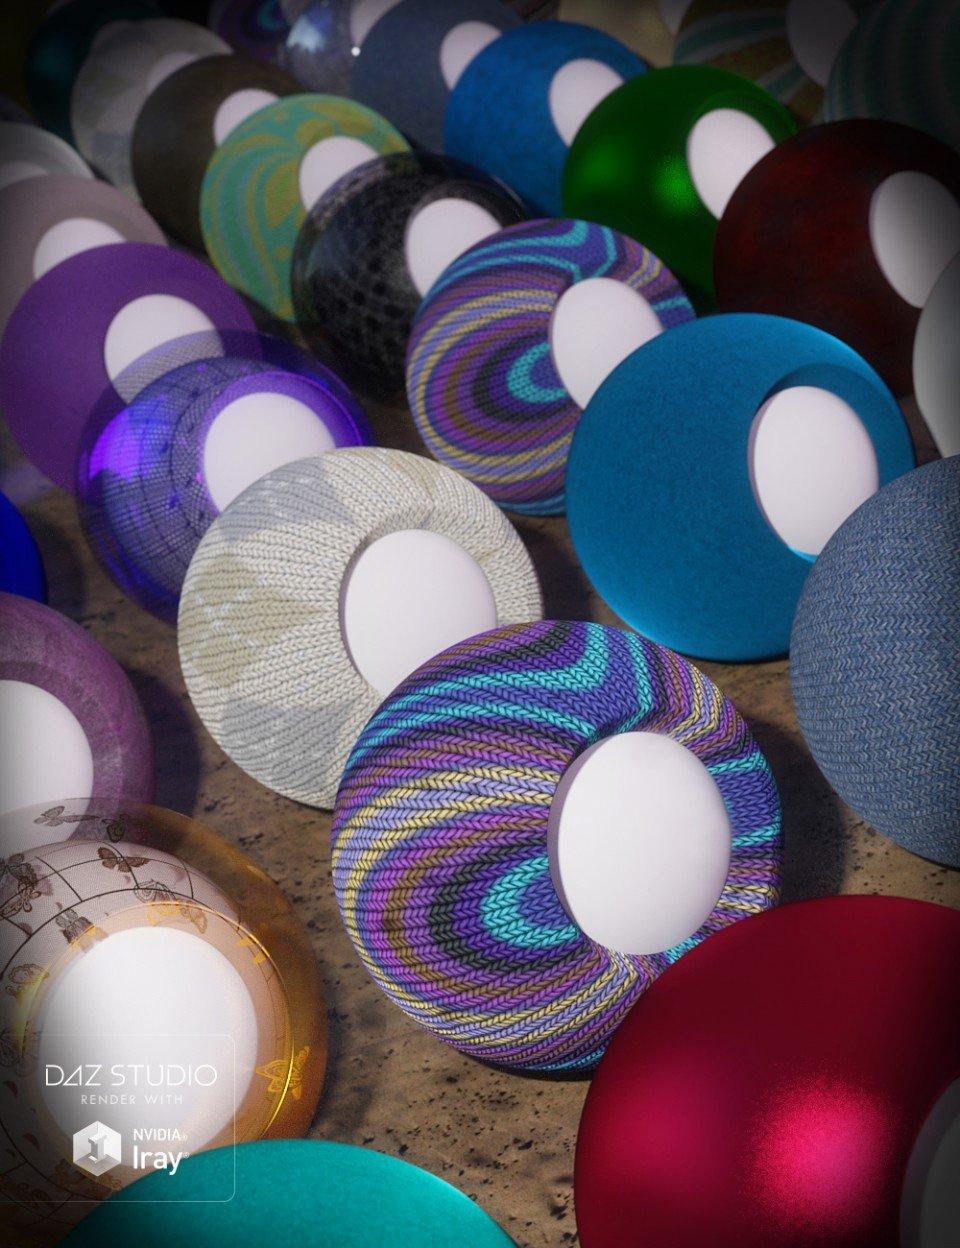 Elegant Fabric Iray Shaders_DAZ3D下载站